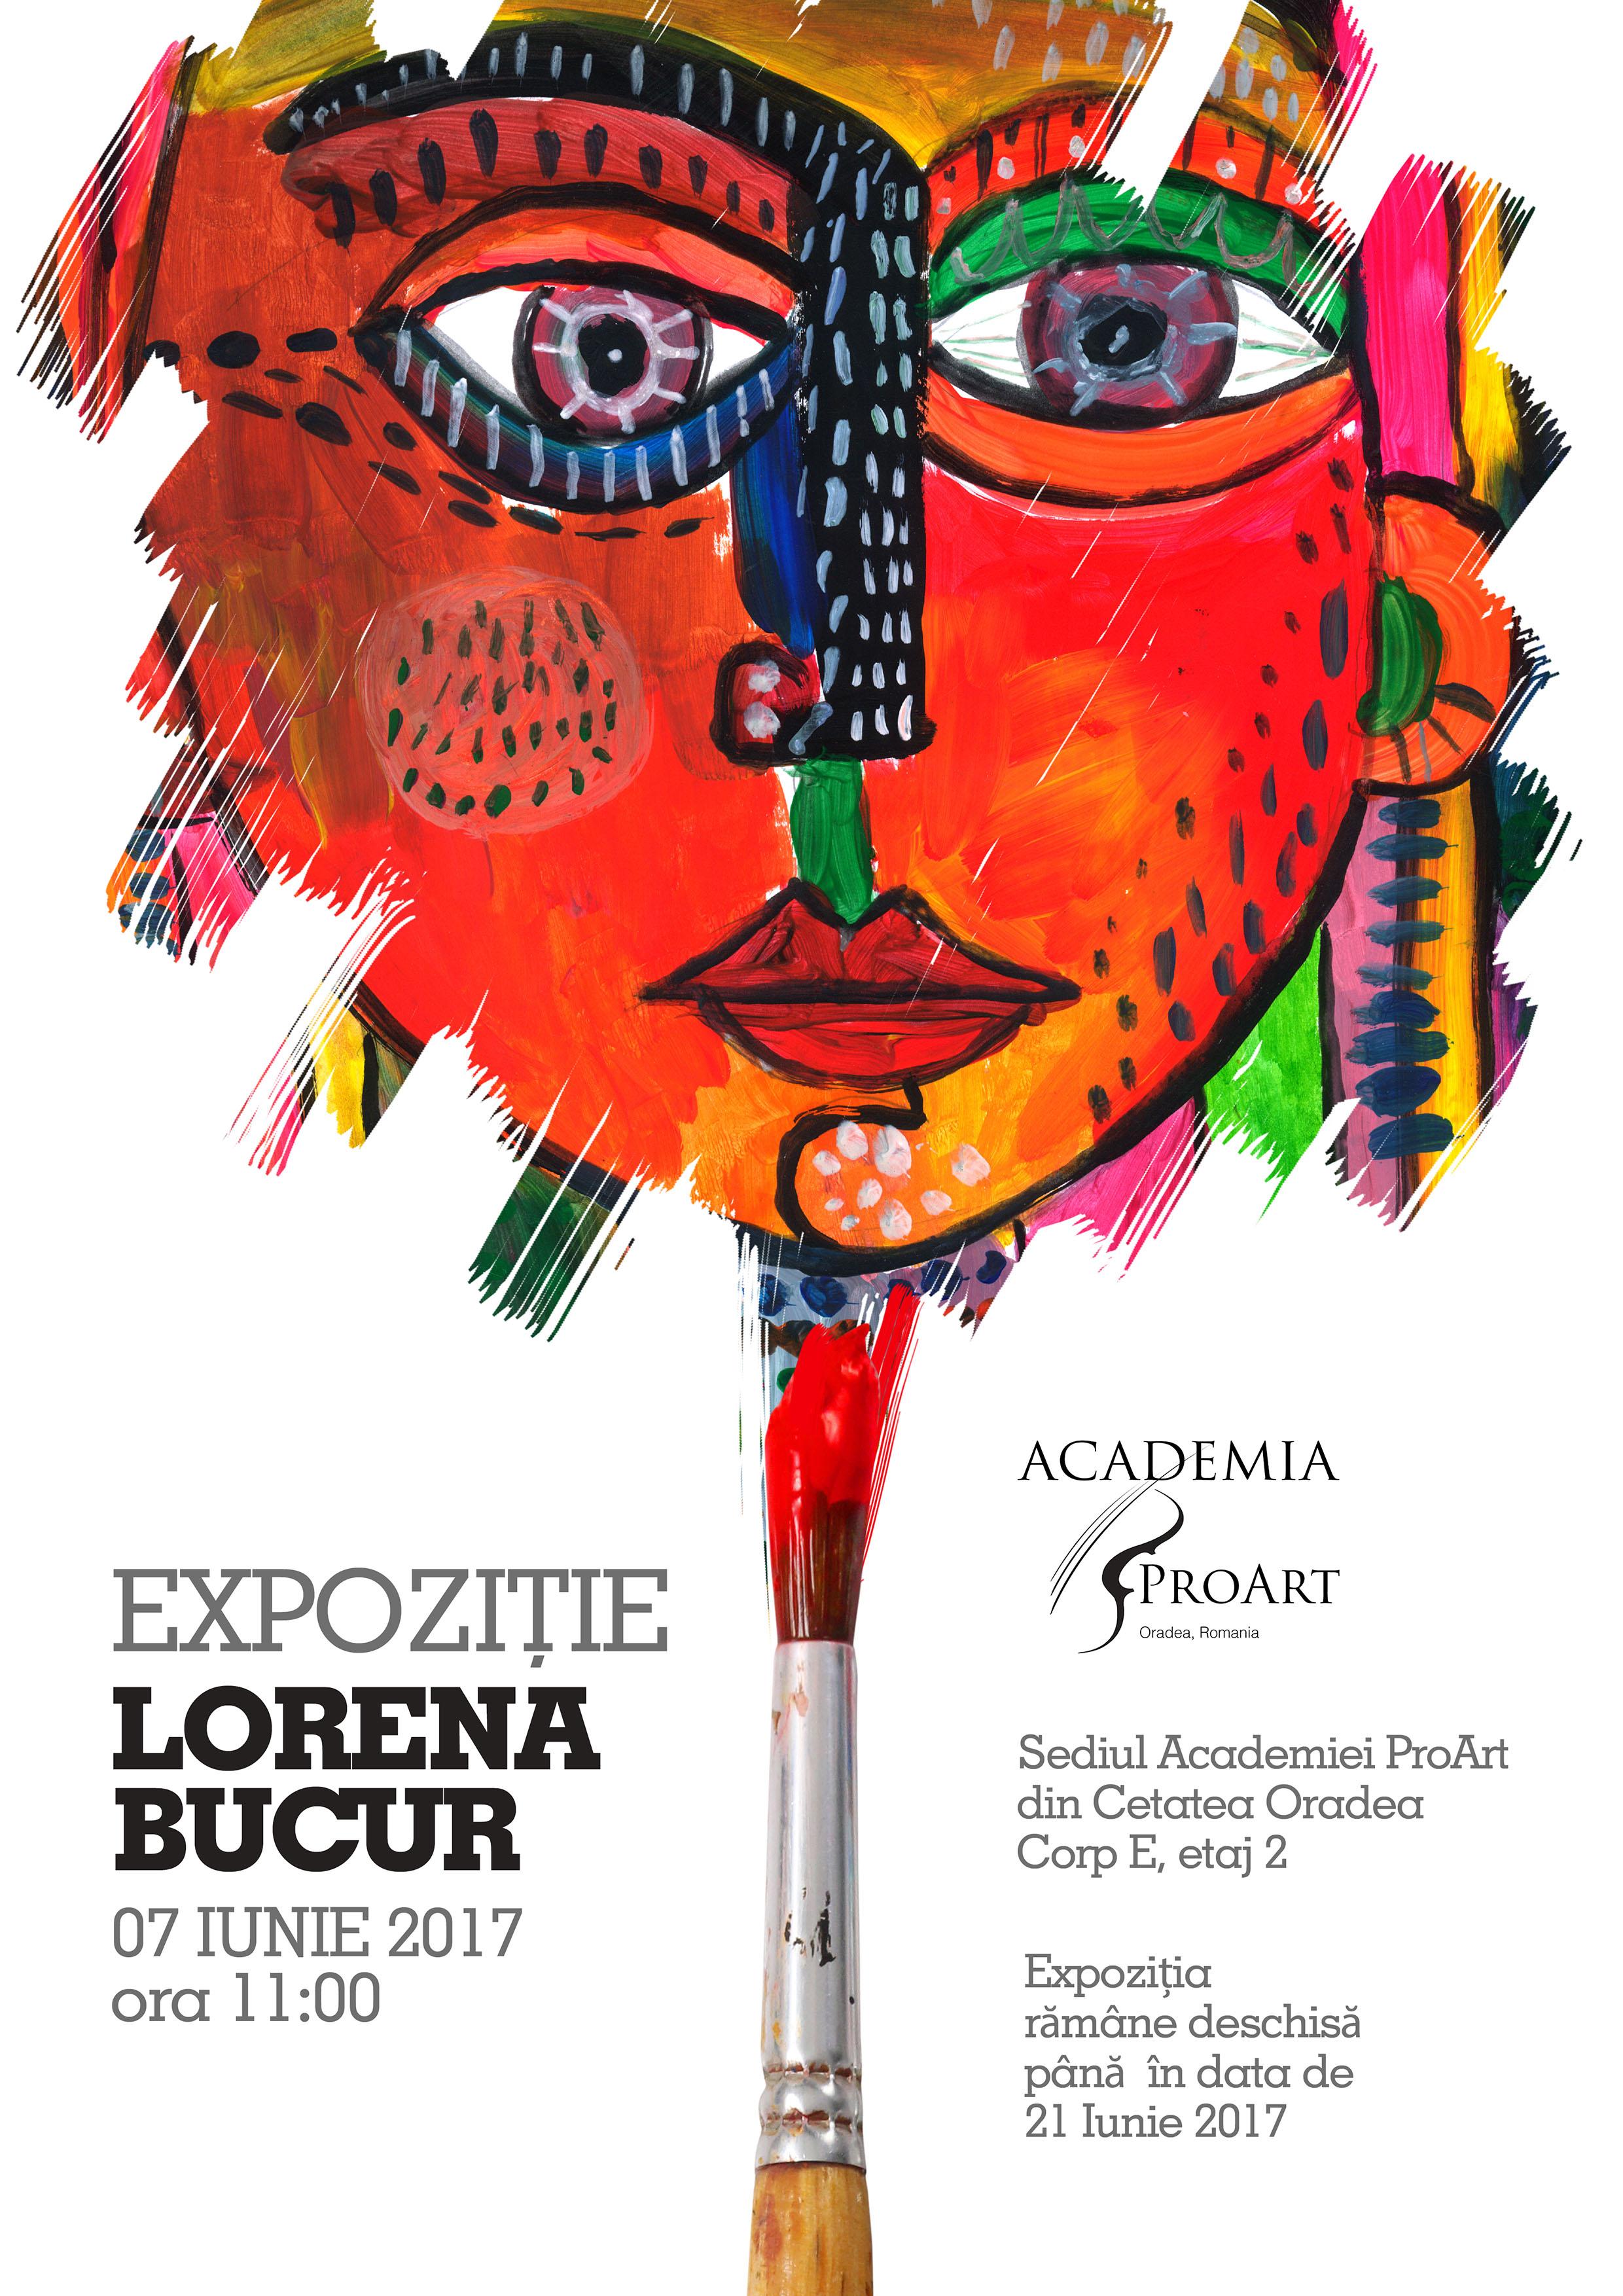 Expozitie pictura Lorena Bucur Cetatea Oradea